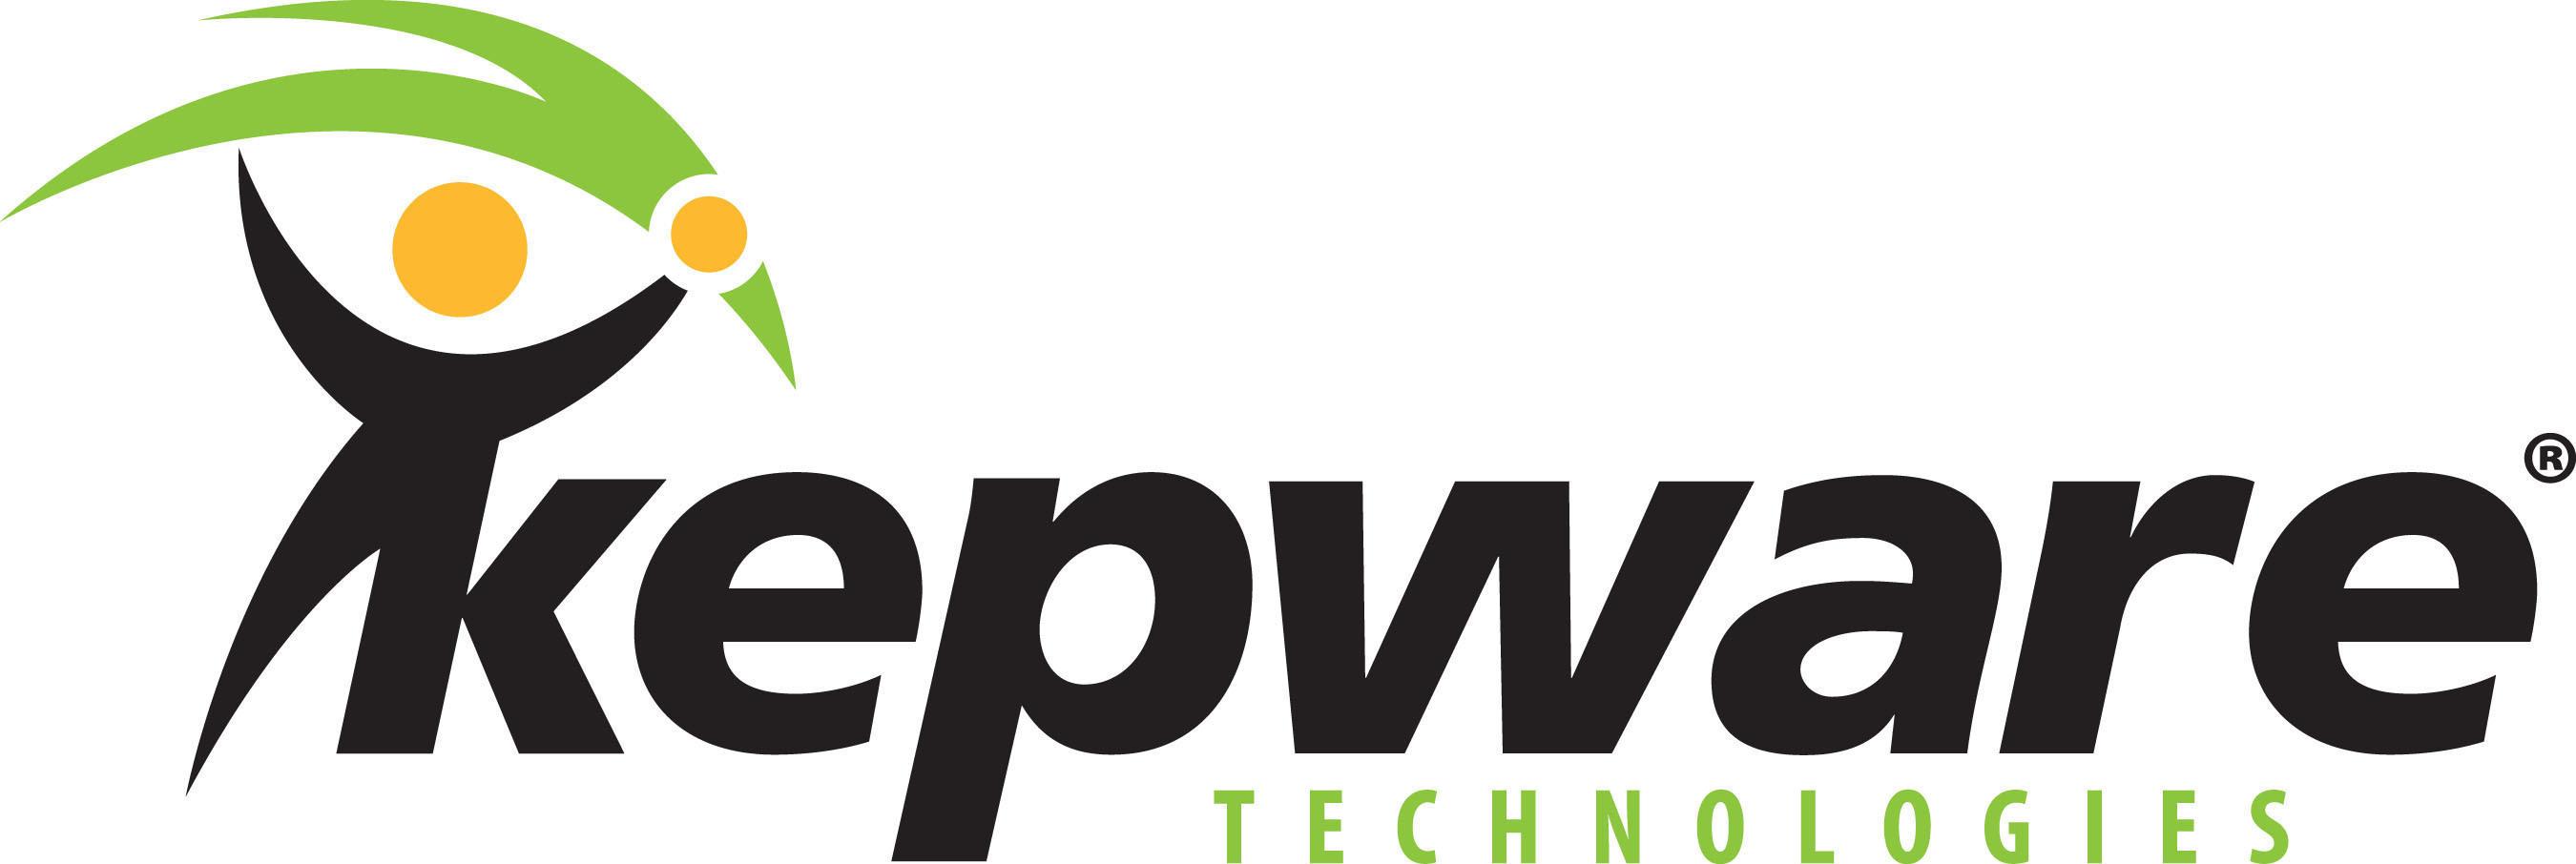 Kepware выпускает новую версию коммуникационной платформы, расширяя ассортимент продуктов для